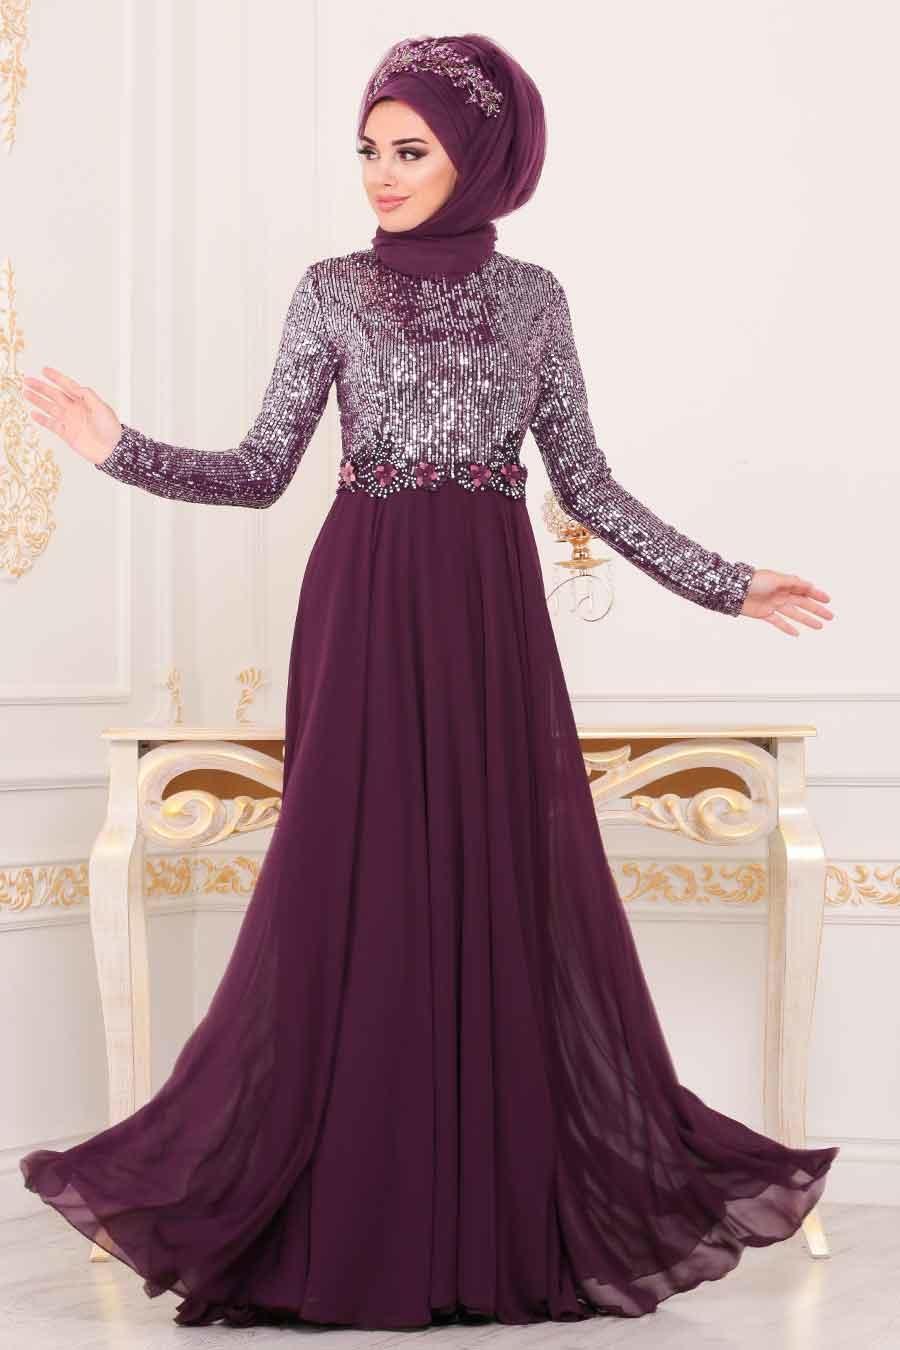 Nayla Collection - Pul Payetlli Mor Tesettür Abiye Elbise 25746MOR